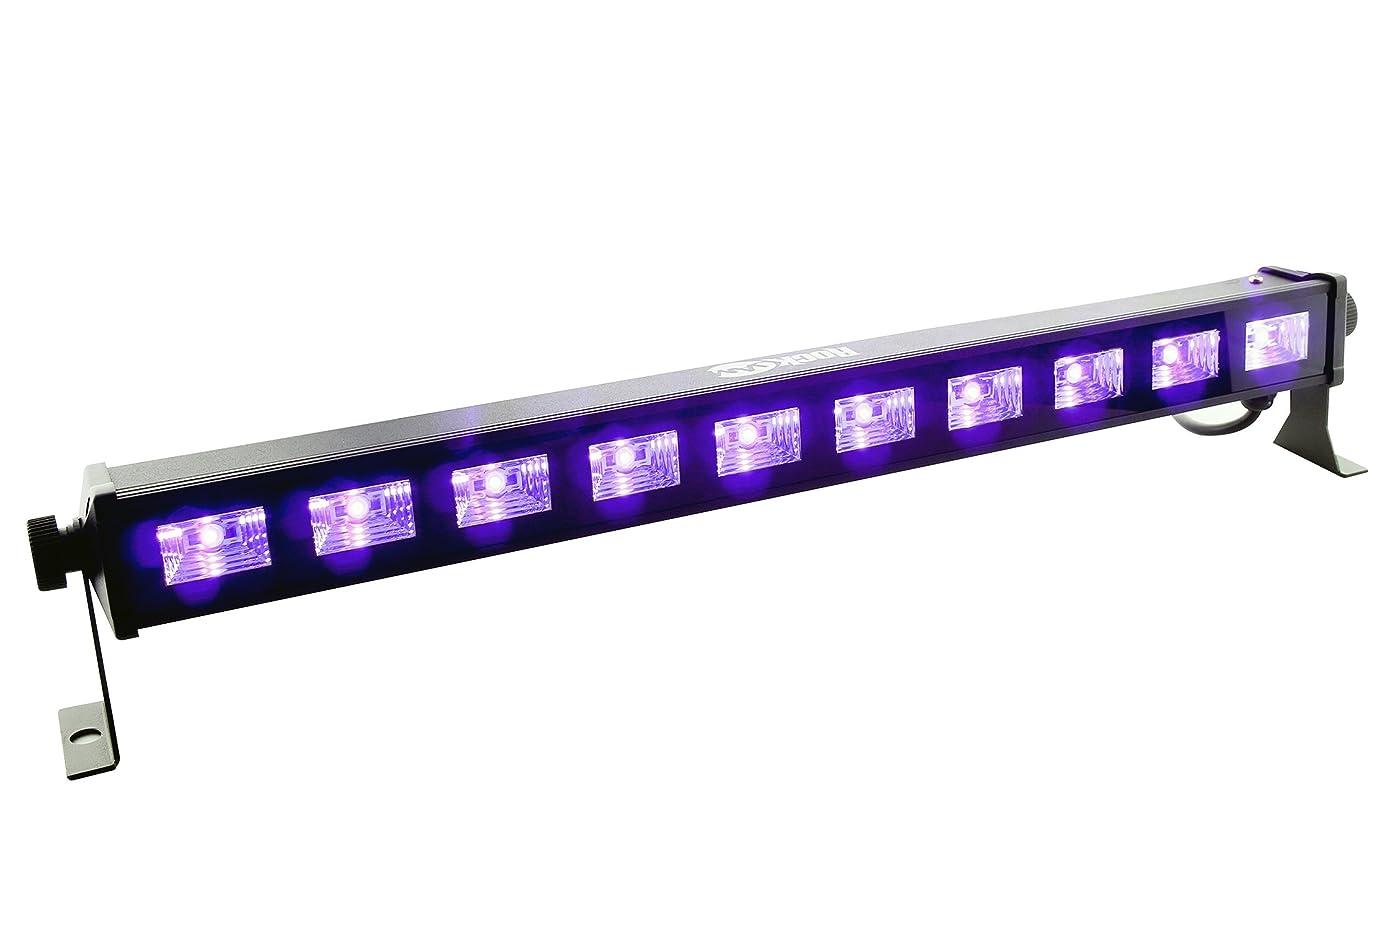 RockJam 10 x 3W UV Light UV10 (RJUV10)